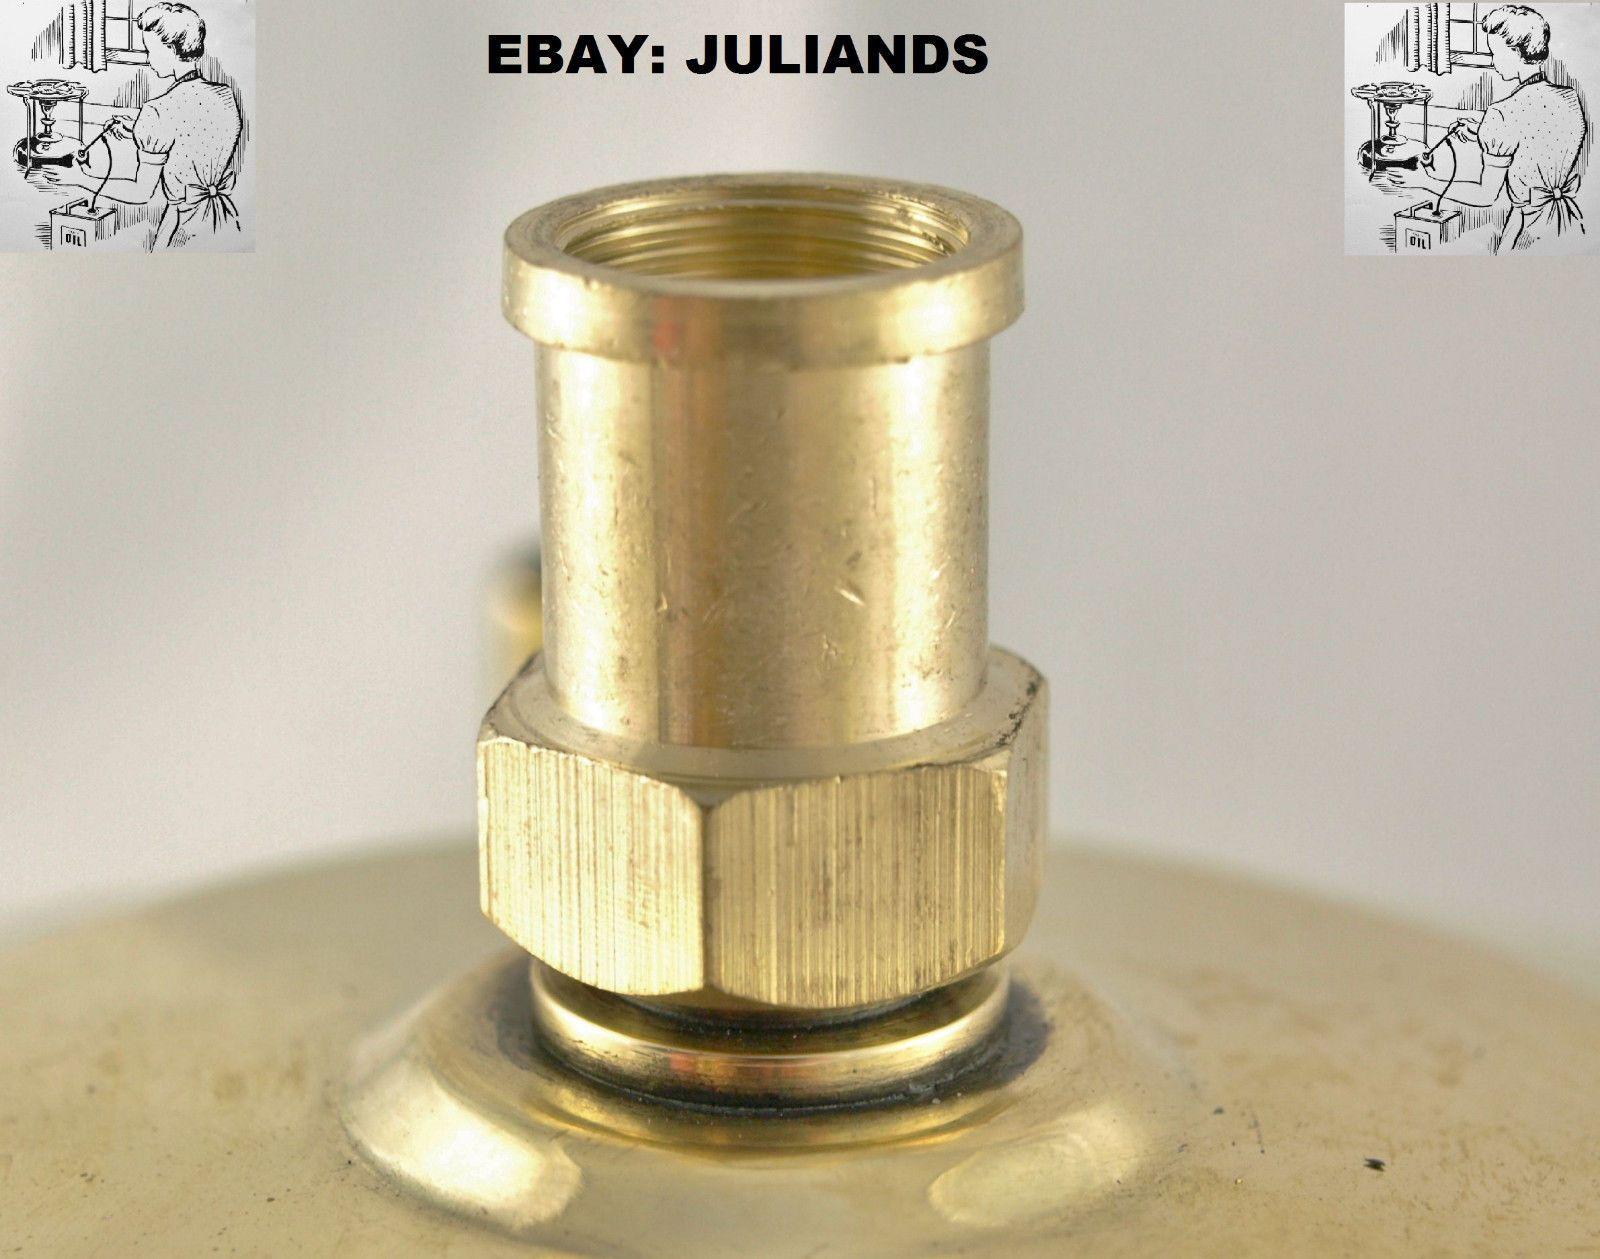 Primus stove riser tube parts optimus stove kerosene stove paraffin ... for Kerosene Stove Parts  146hul